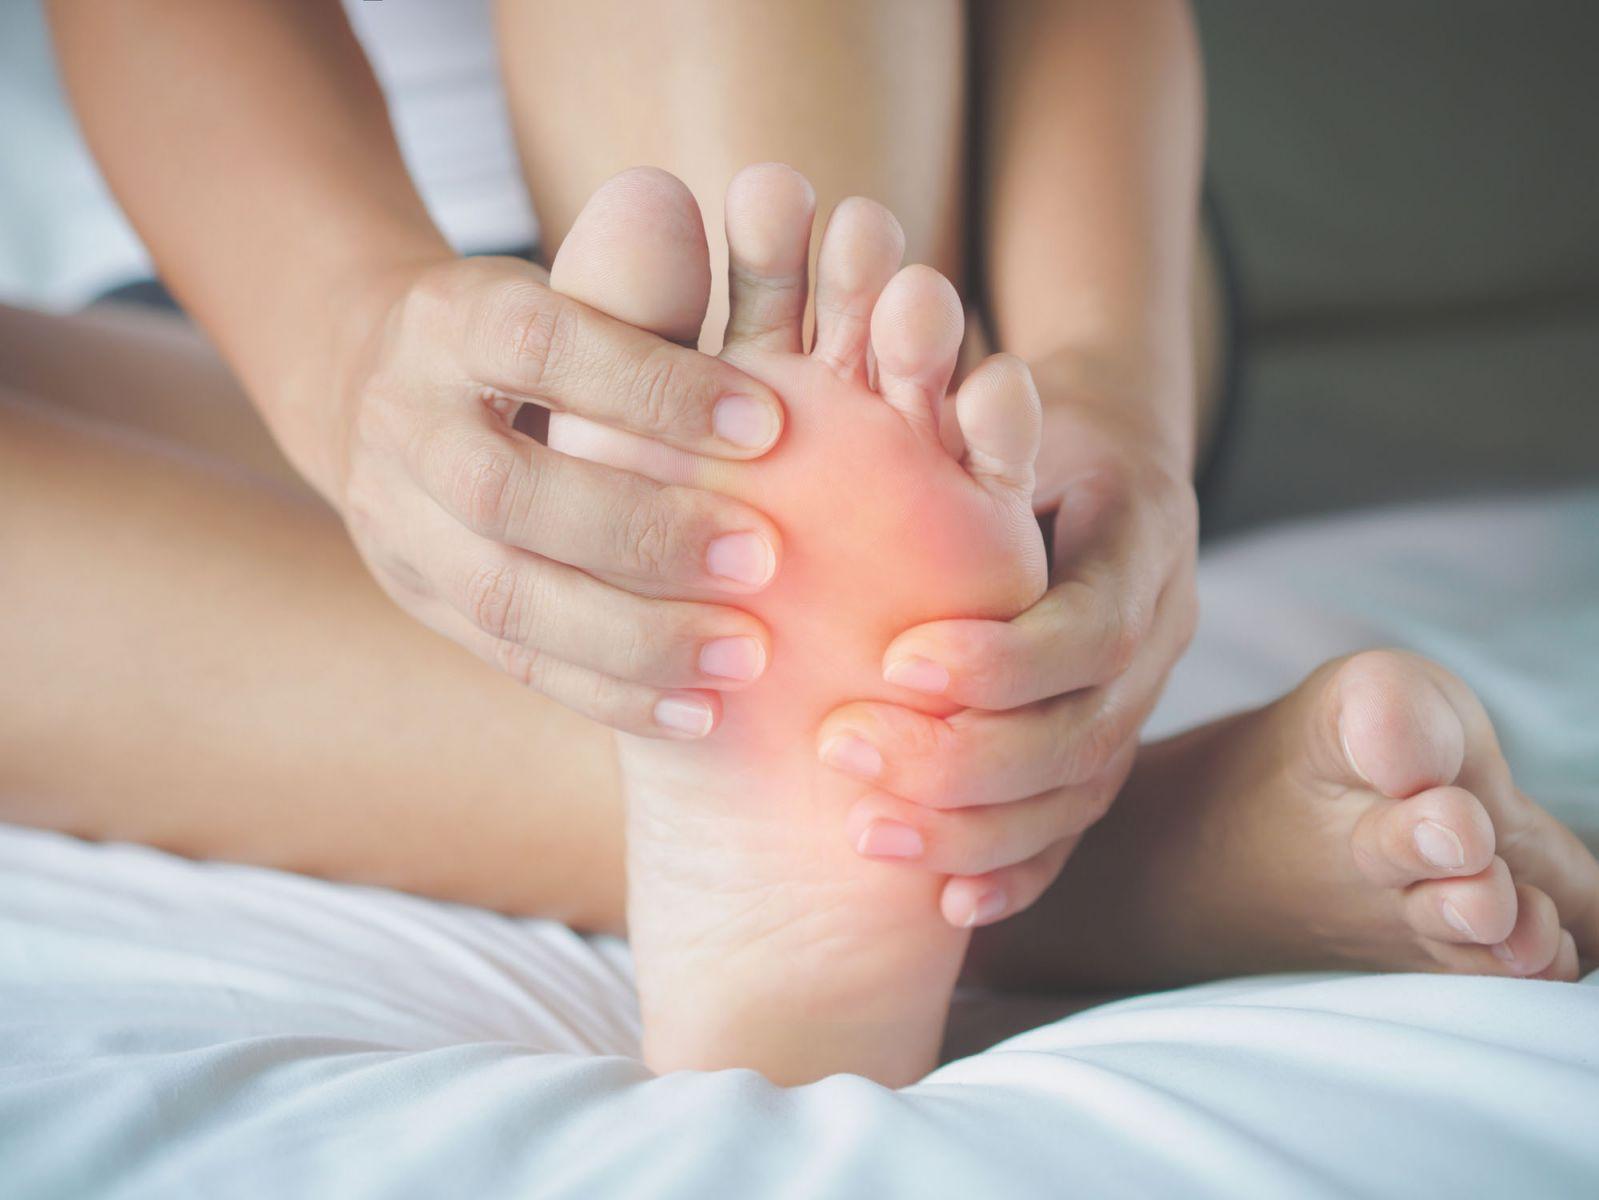 Kodėl hipertenzija kojos tinsta? kaip jūsų asmenybė veikia širdies sveikatą ir vėžio rodiklius